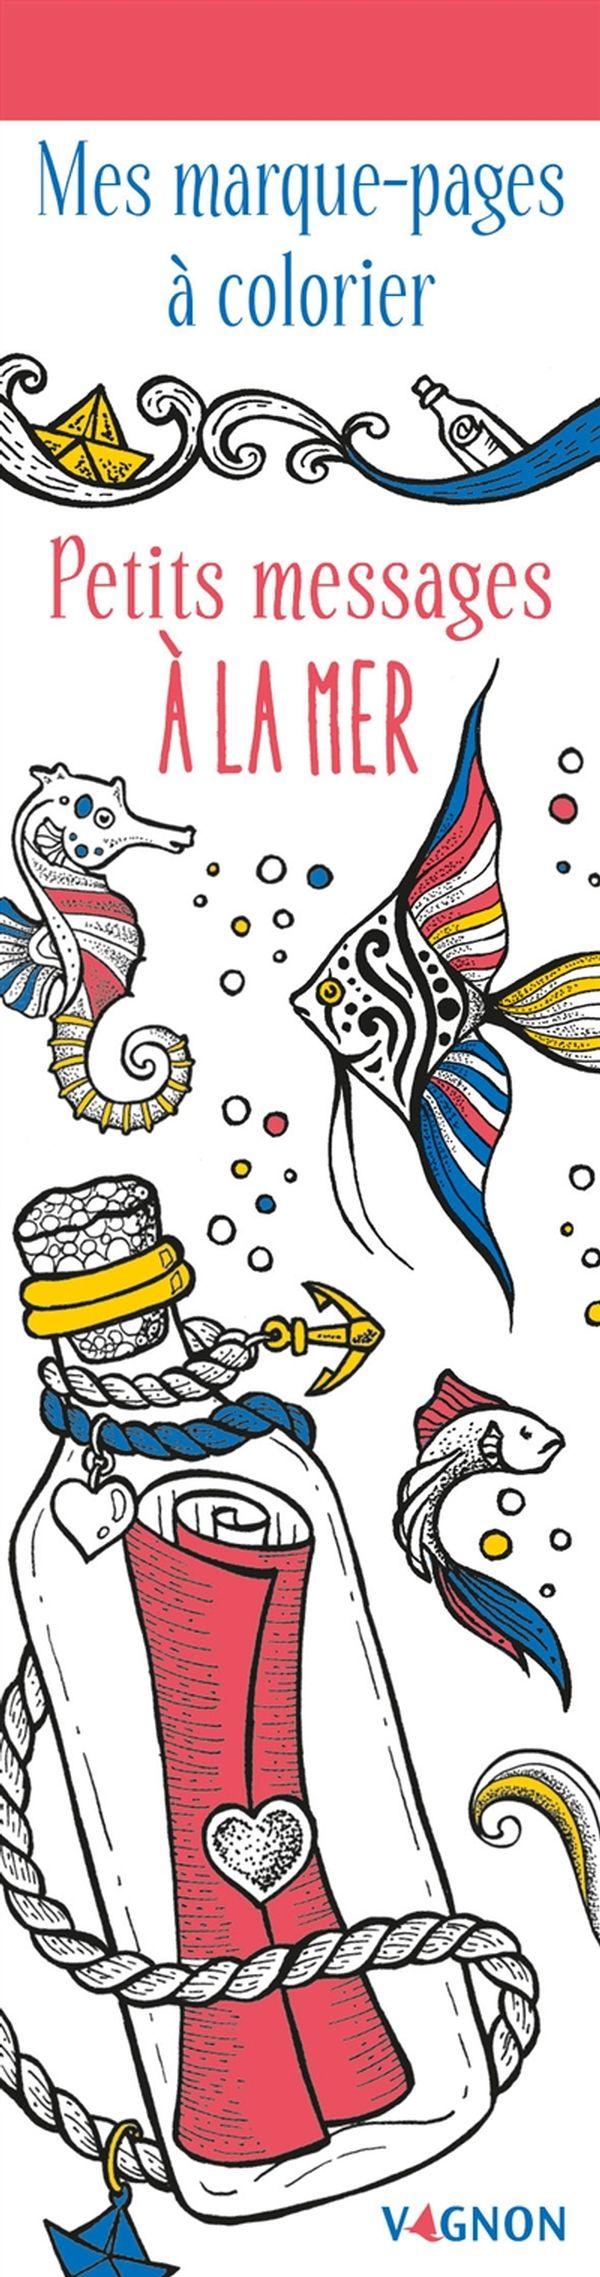 Petits messages à la mer N.E. : Mes marque-pages à colorier